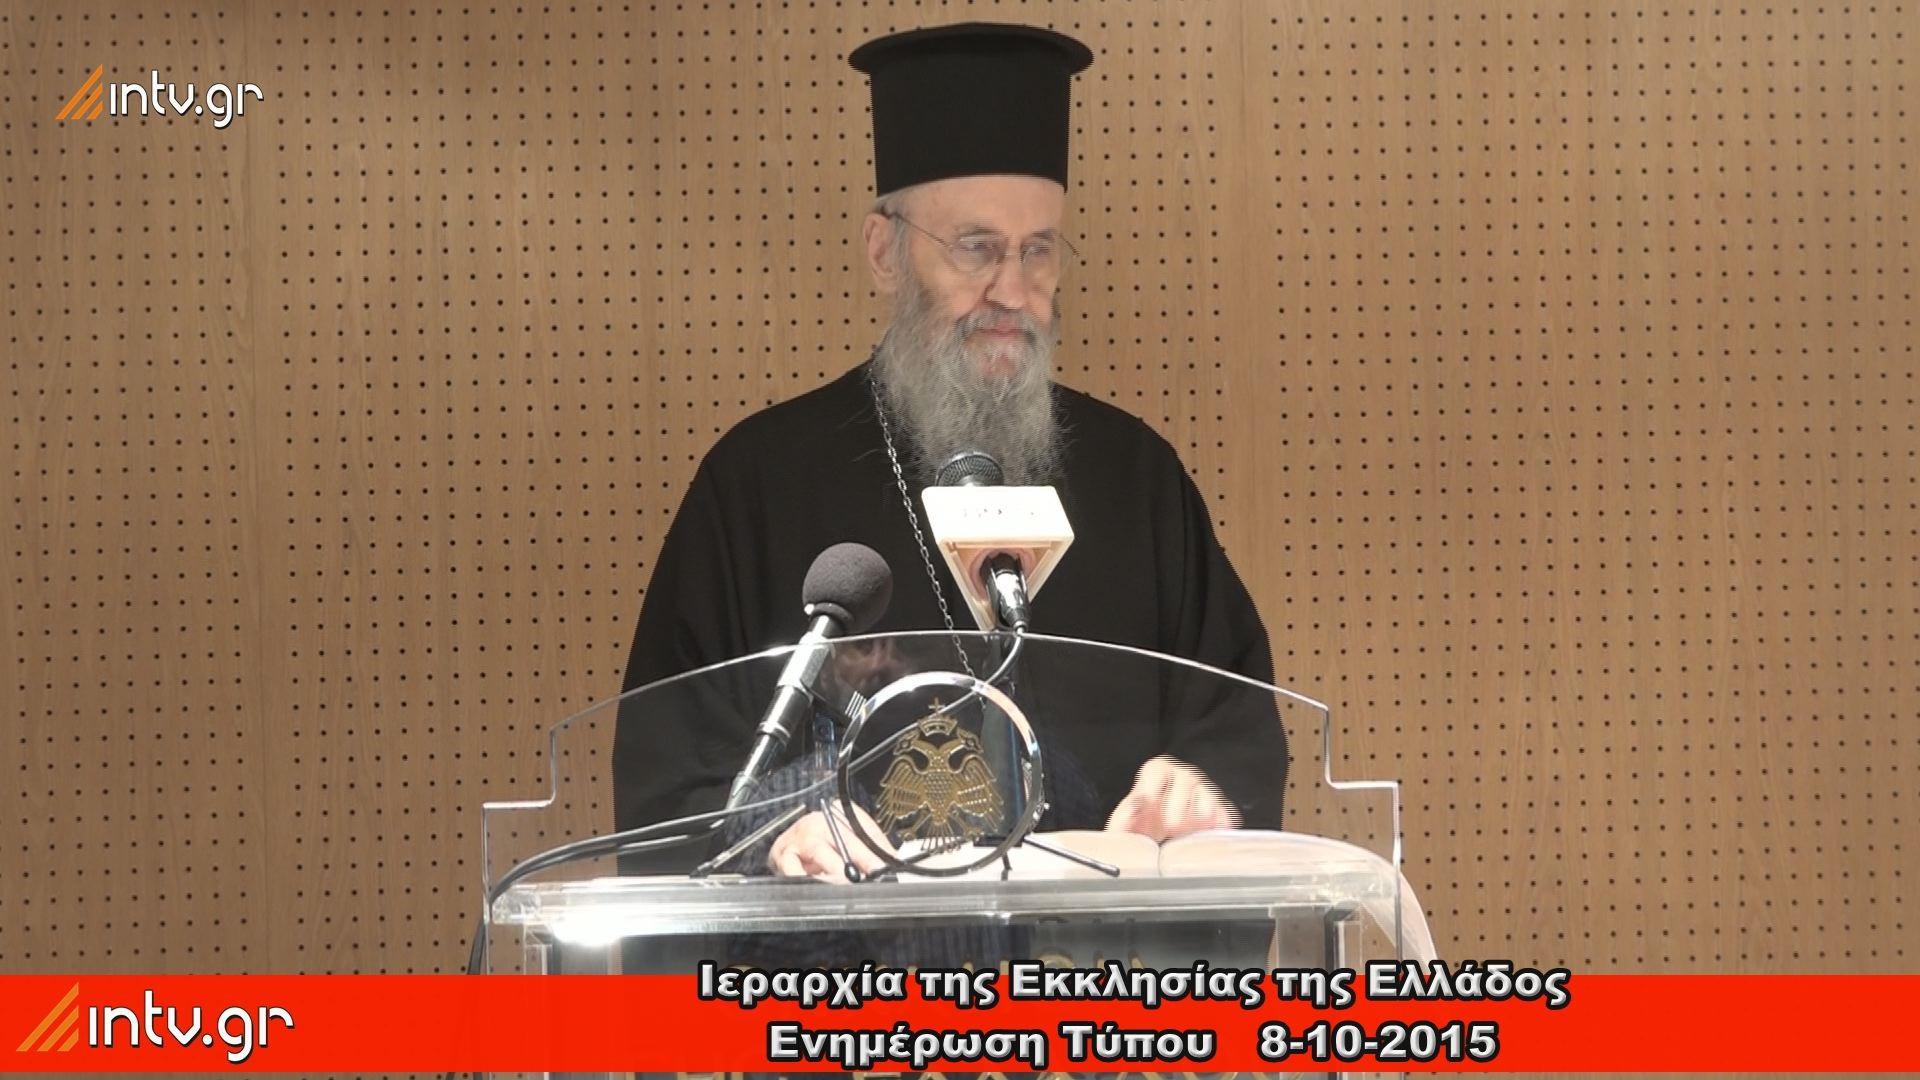 Ιεραρχία της Εκκλησίας της Ελλάδος Ενημέρωση Τύπου - 8-10-2015